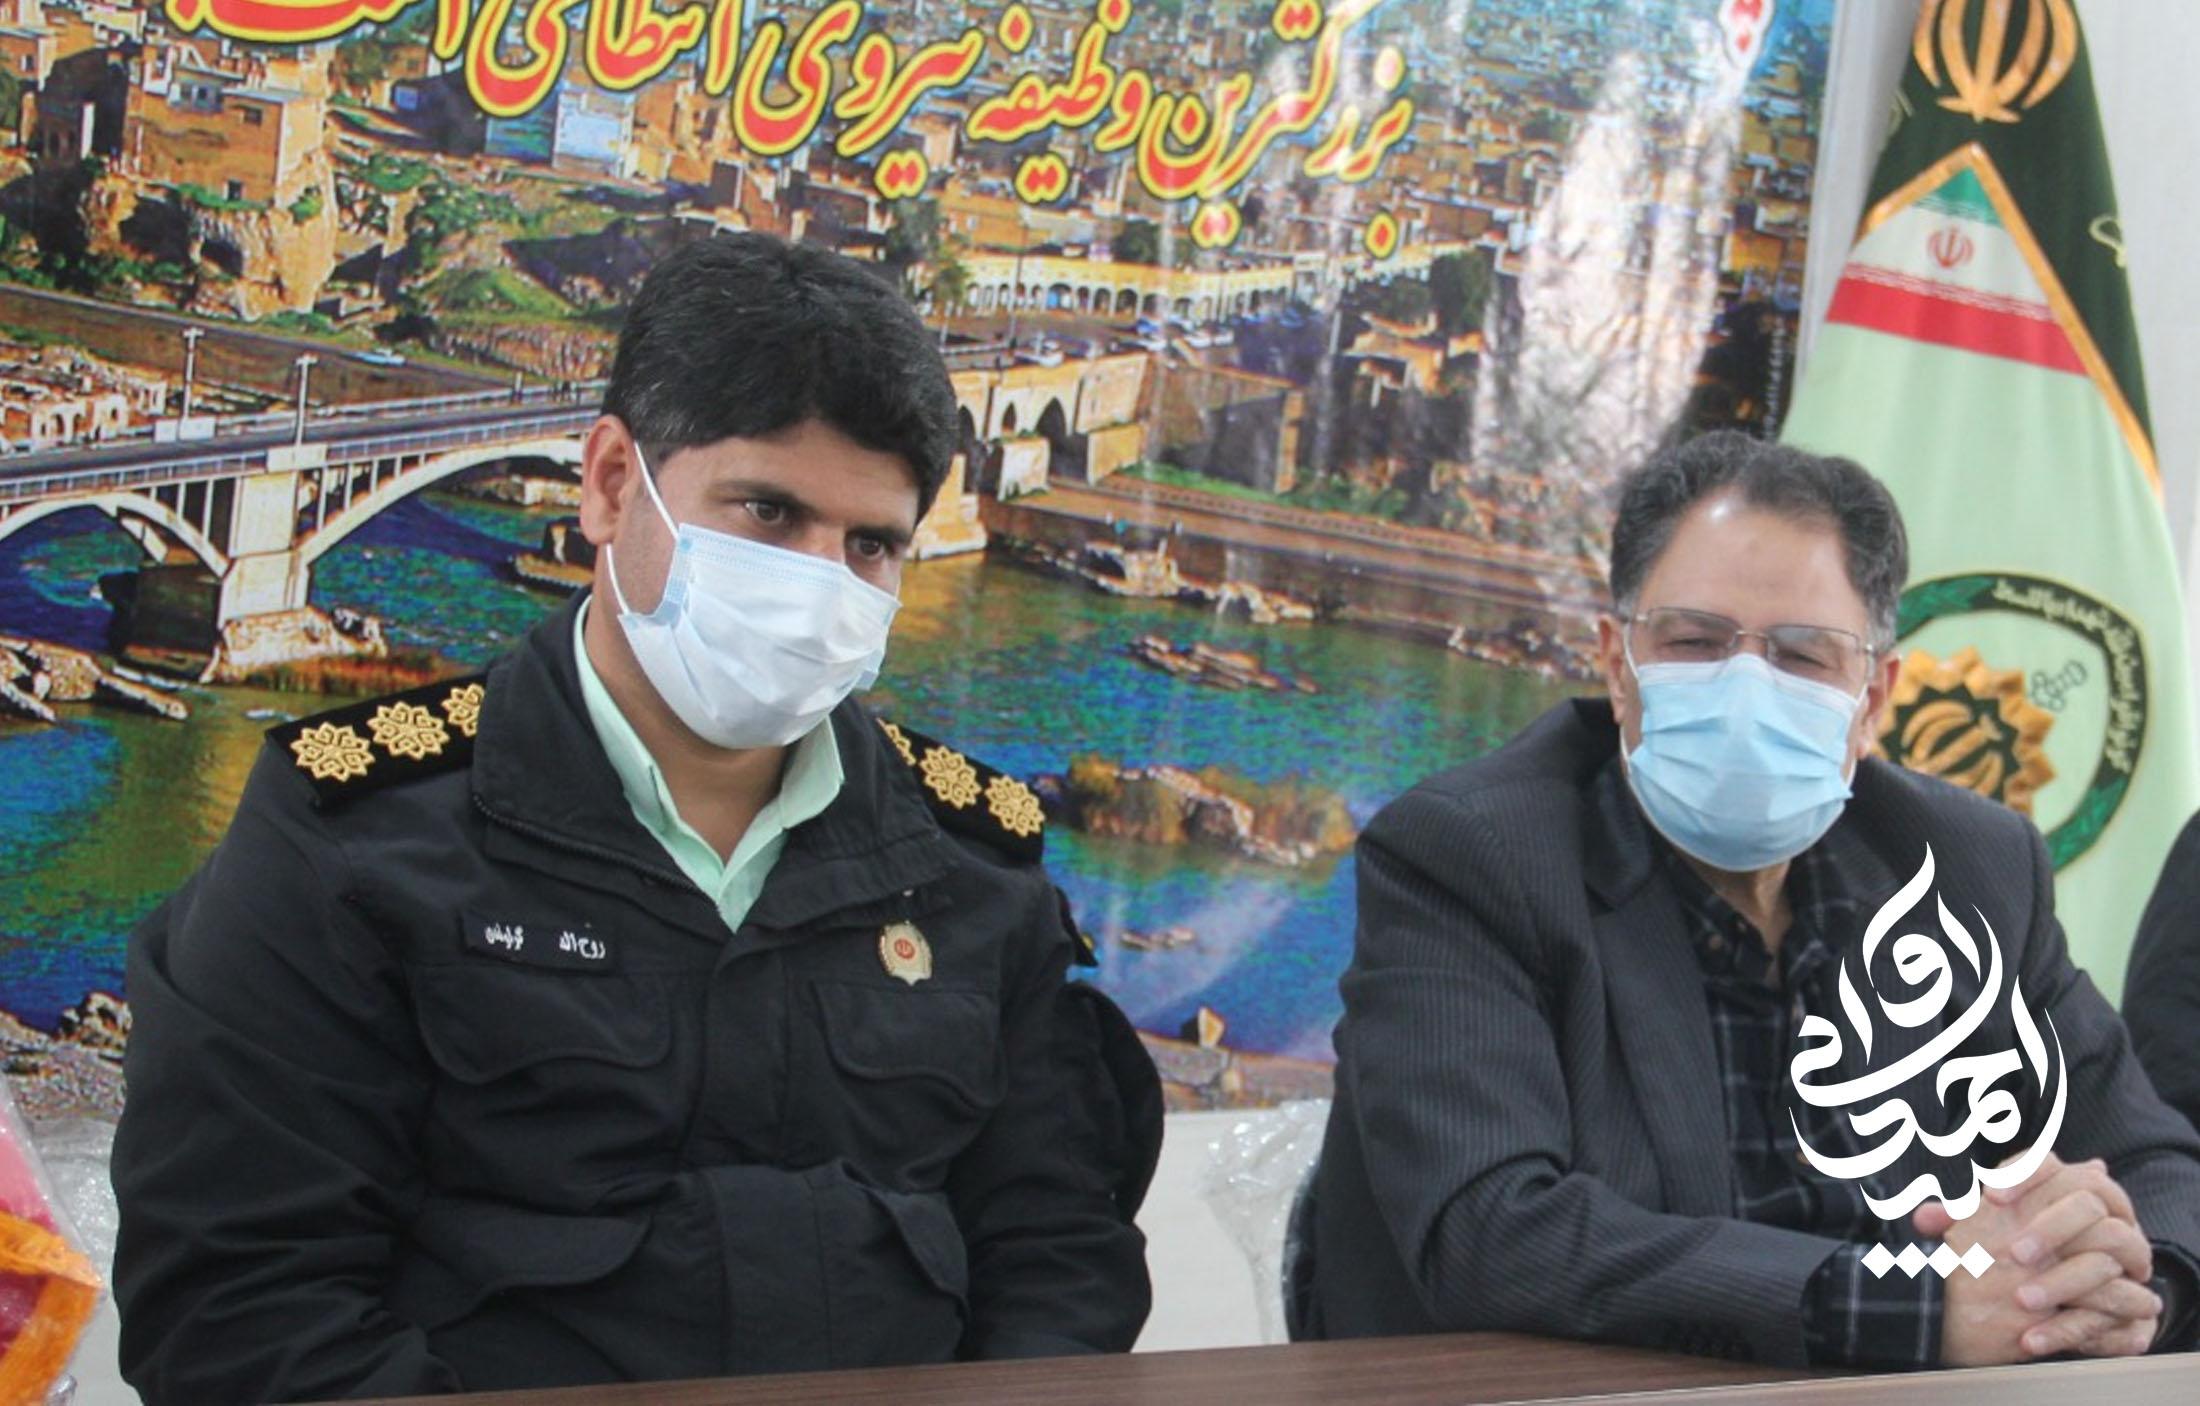 ارتقا سطح نیروی انتظامی اقدامی کلیدی در راستای توسعه امنیت شهرستان دزفول